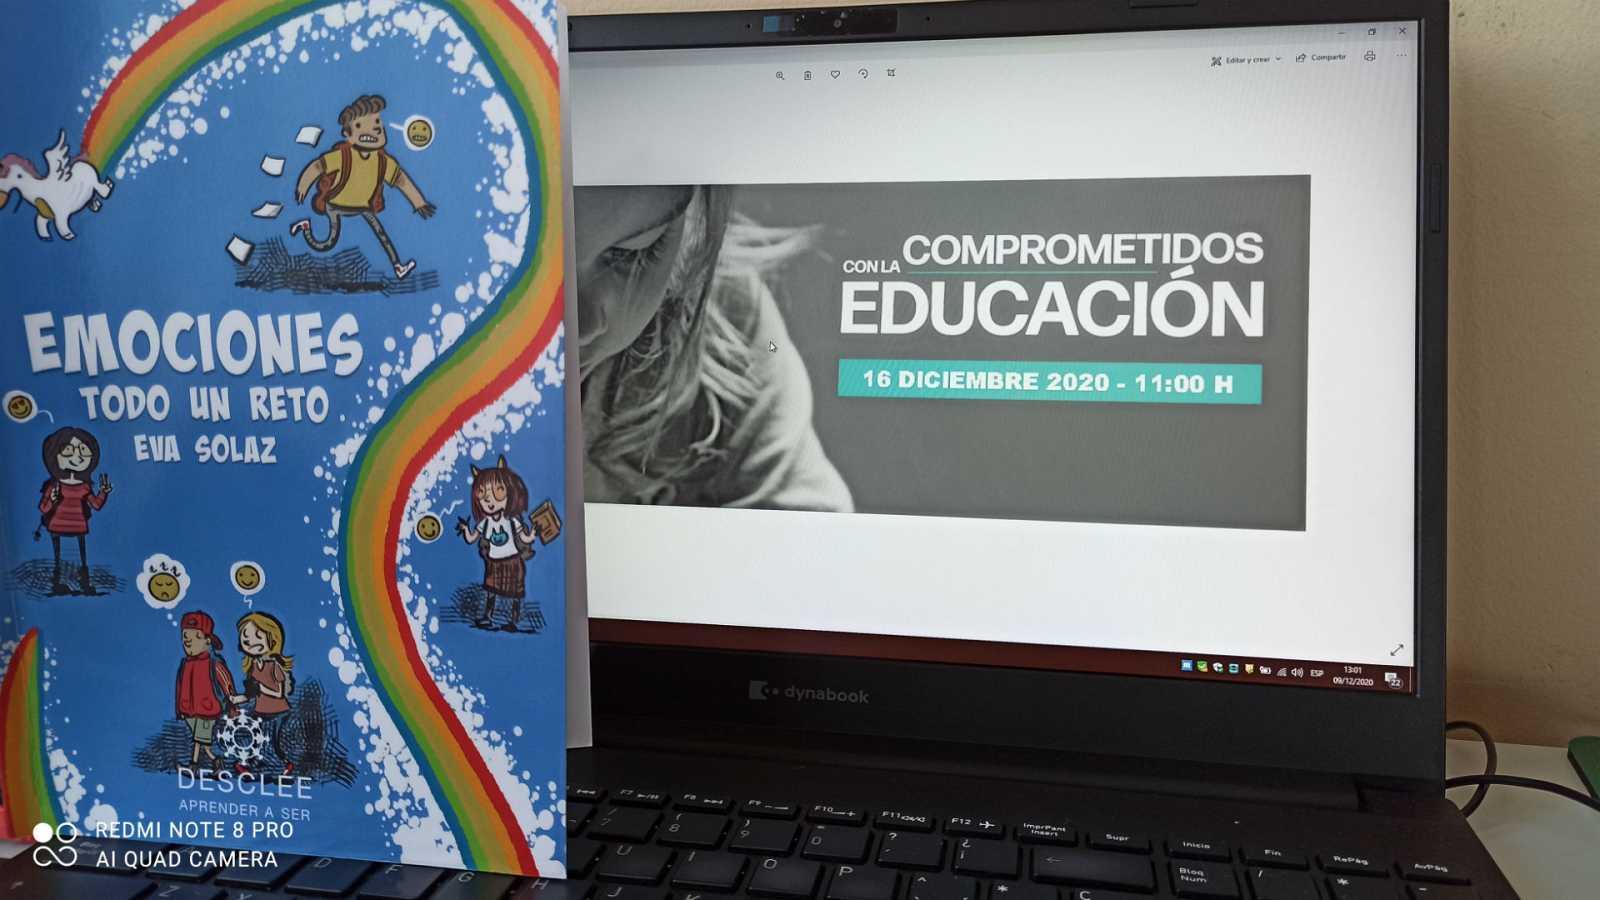 Educar para la paz - Educarmos con 'Emociones todo un reto' - 09/12/20 - escuchar ahora